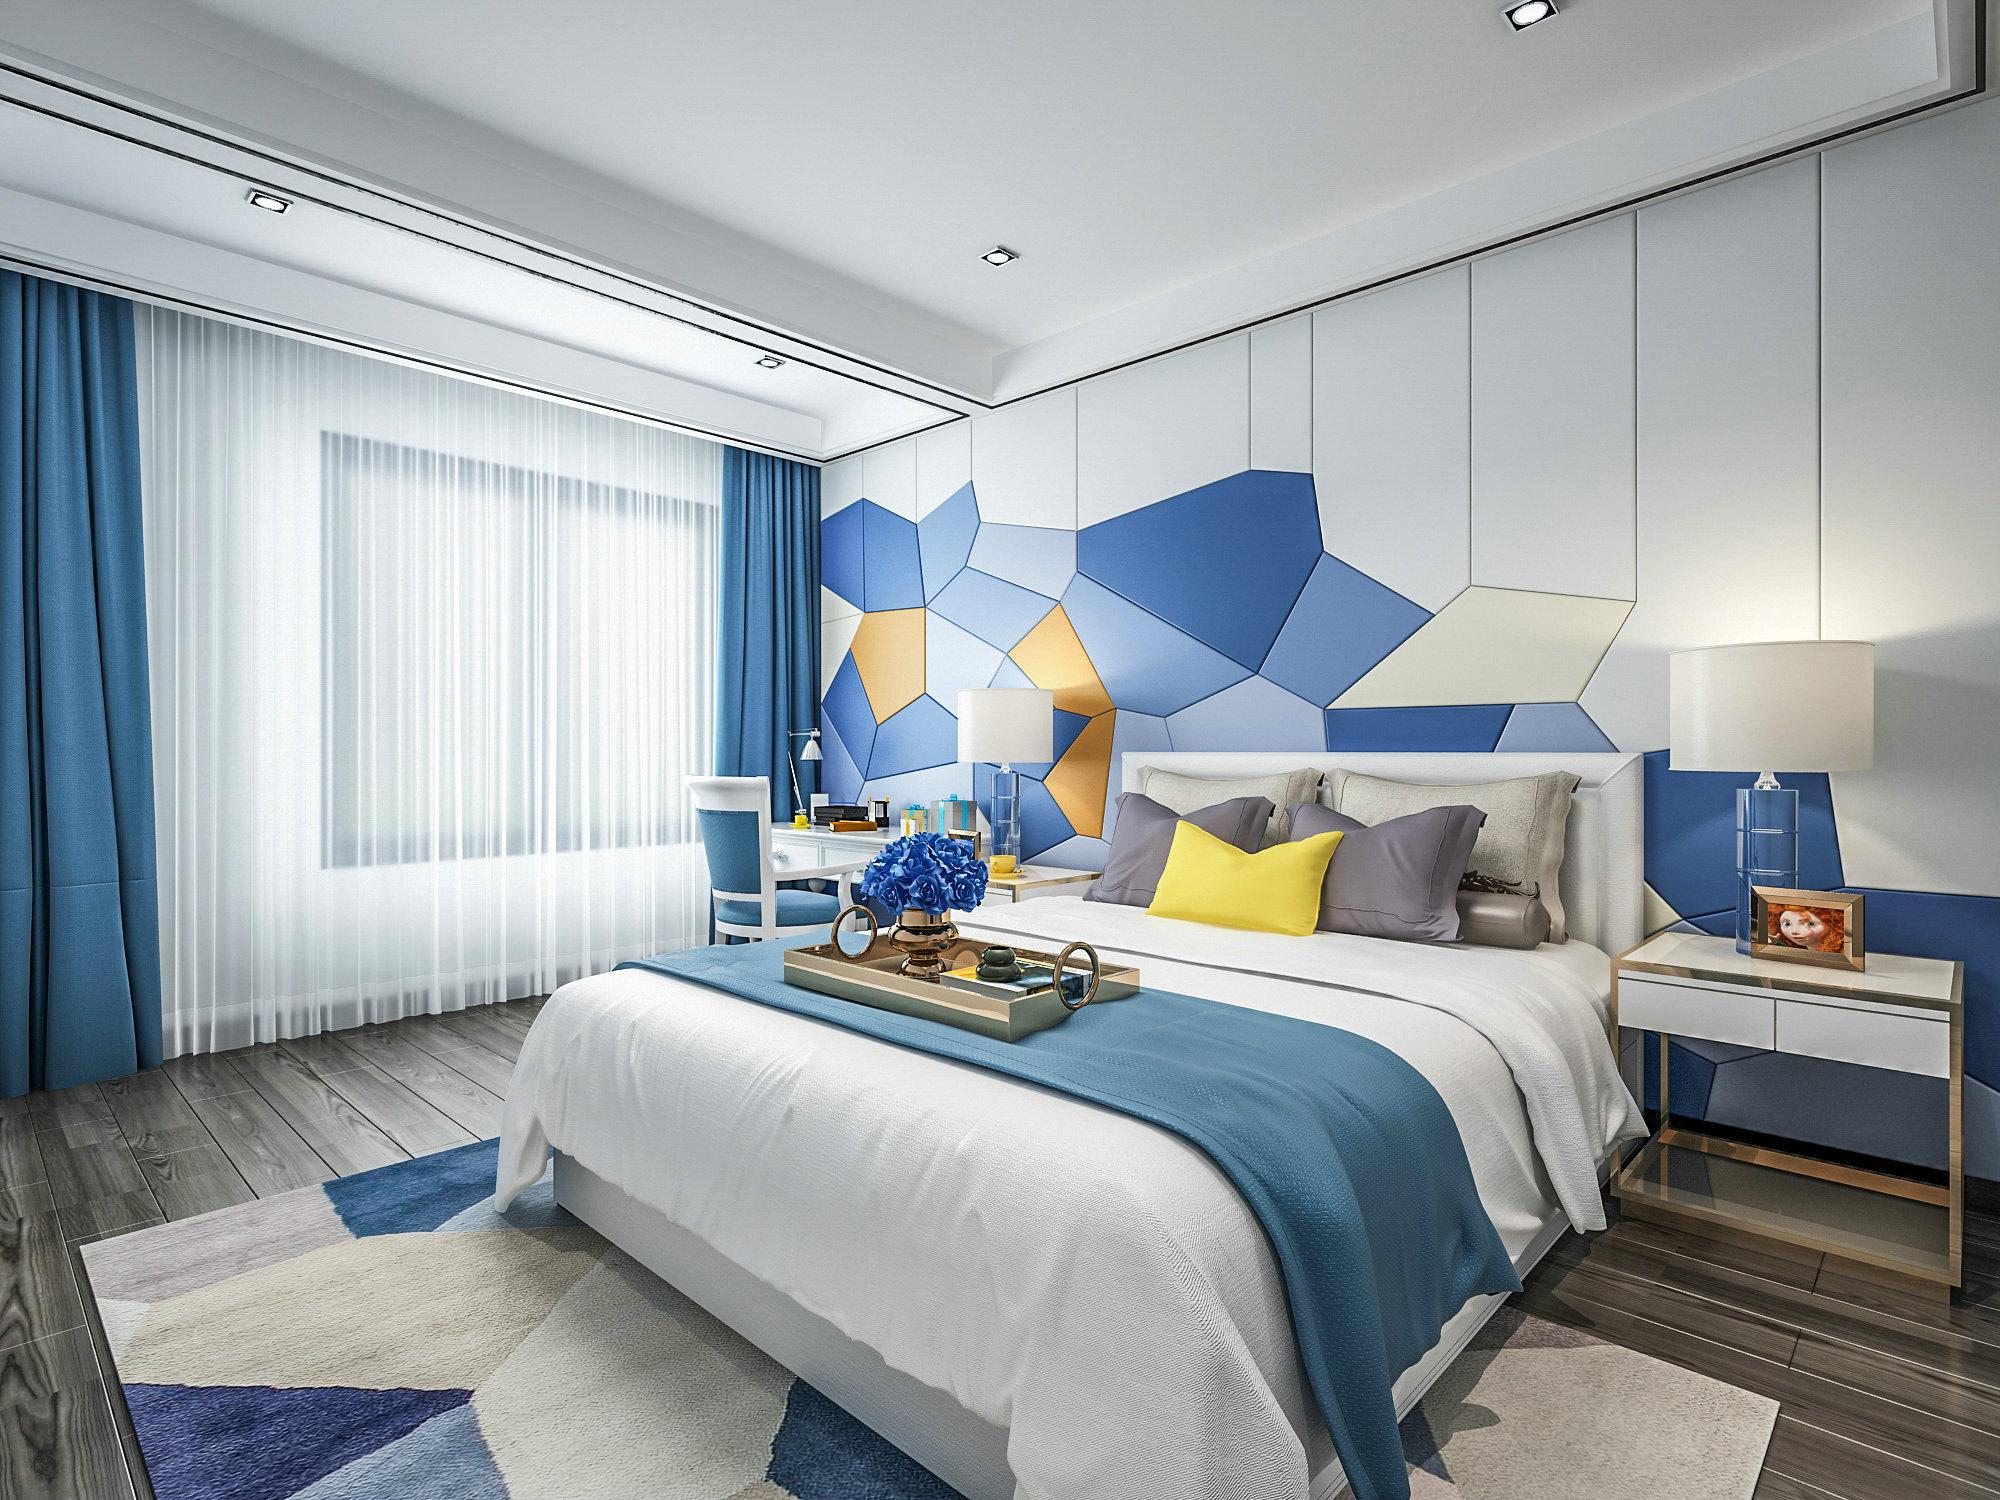 联恒名人世 别墅装修 现代风格 腾龙设计 卧室图片来自孔继民在恒联名人世家别墅装修现代风格的分享